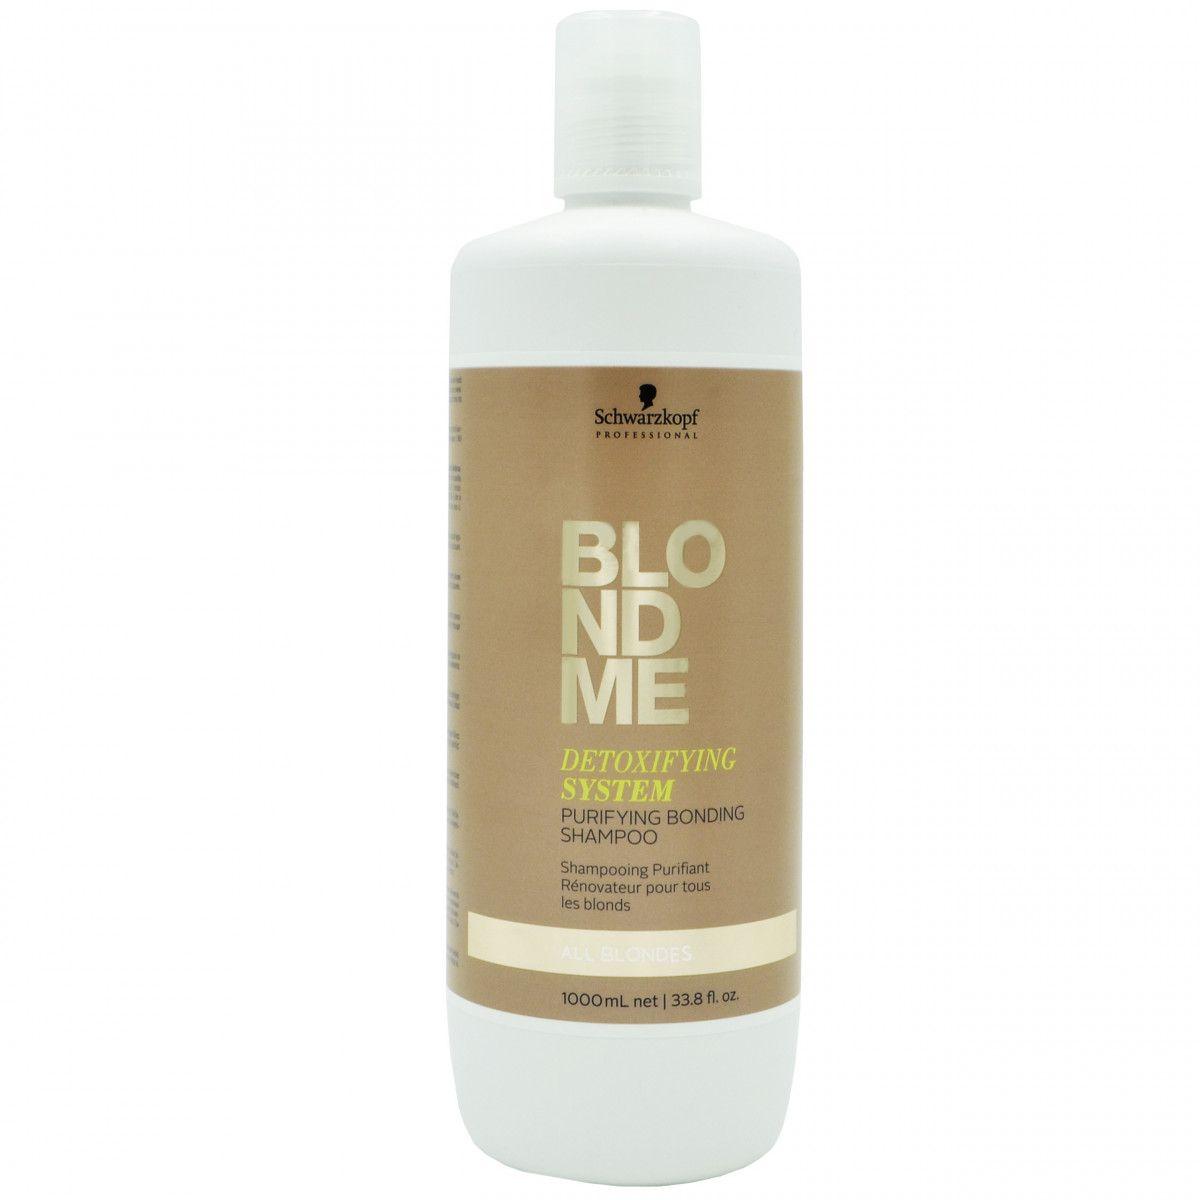 Schwarzkopf BlondMe Szampon oczyszczający do włosów blond 1000ml sklep Gobli